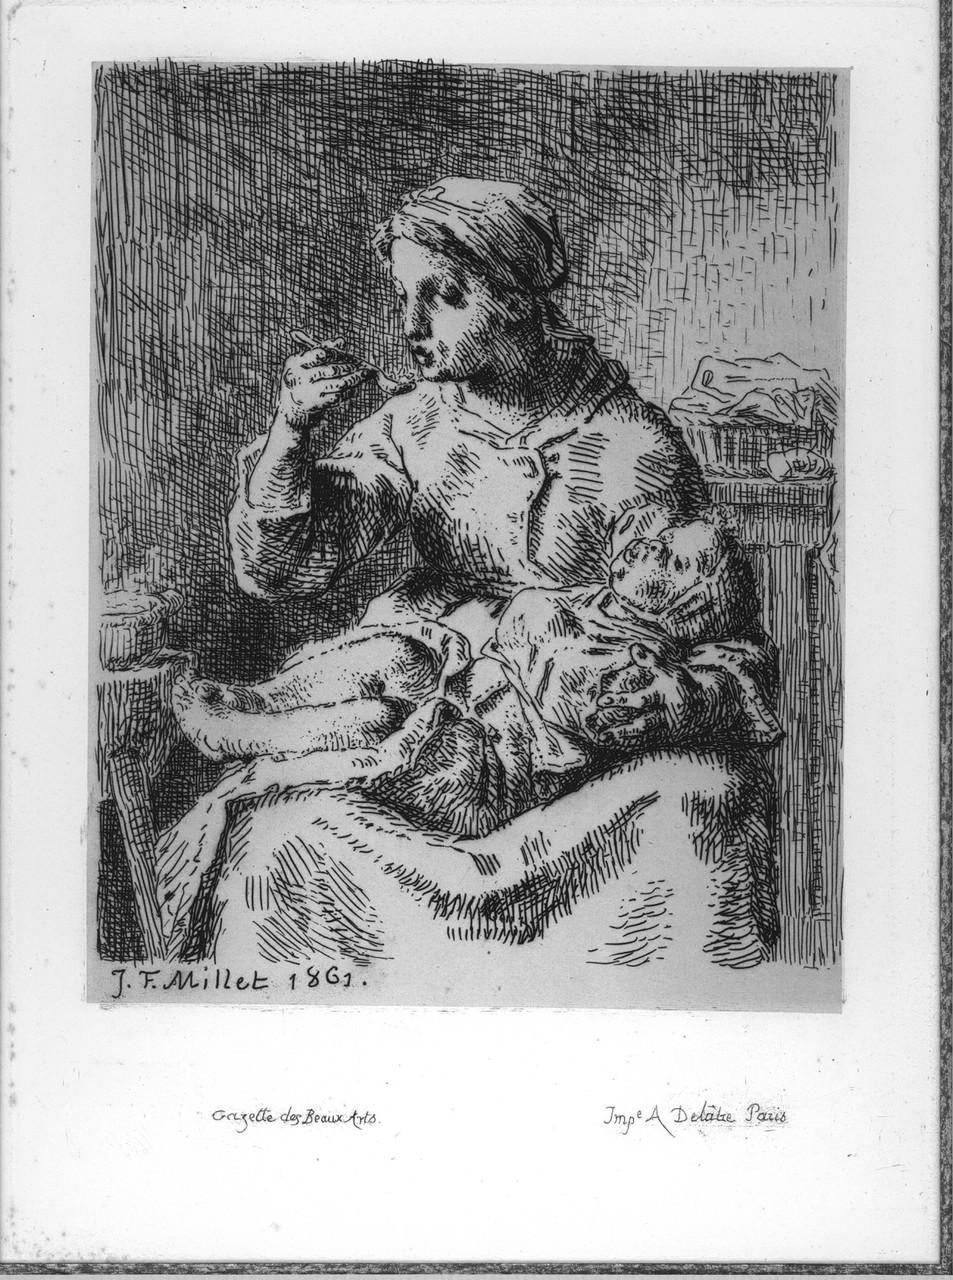 Jean-François Millet, La Bouillie, eau forte sur papier, 1861